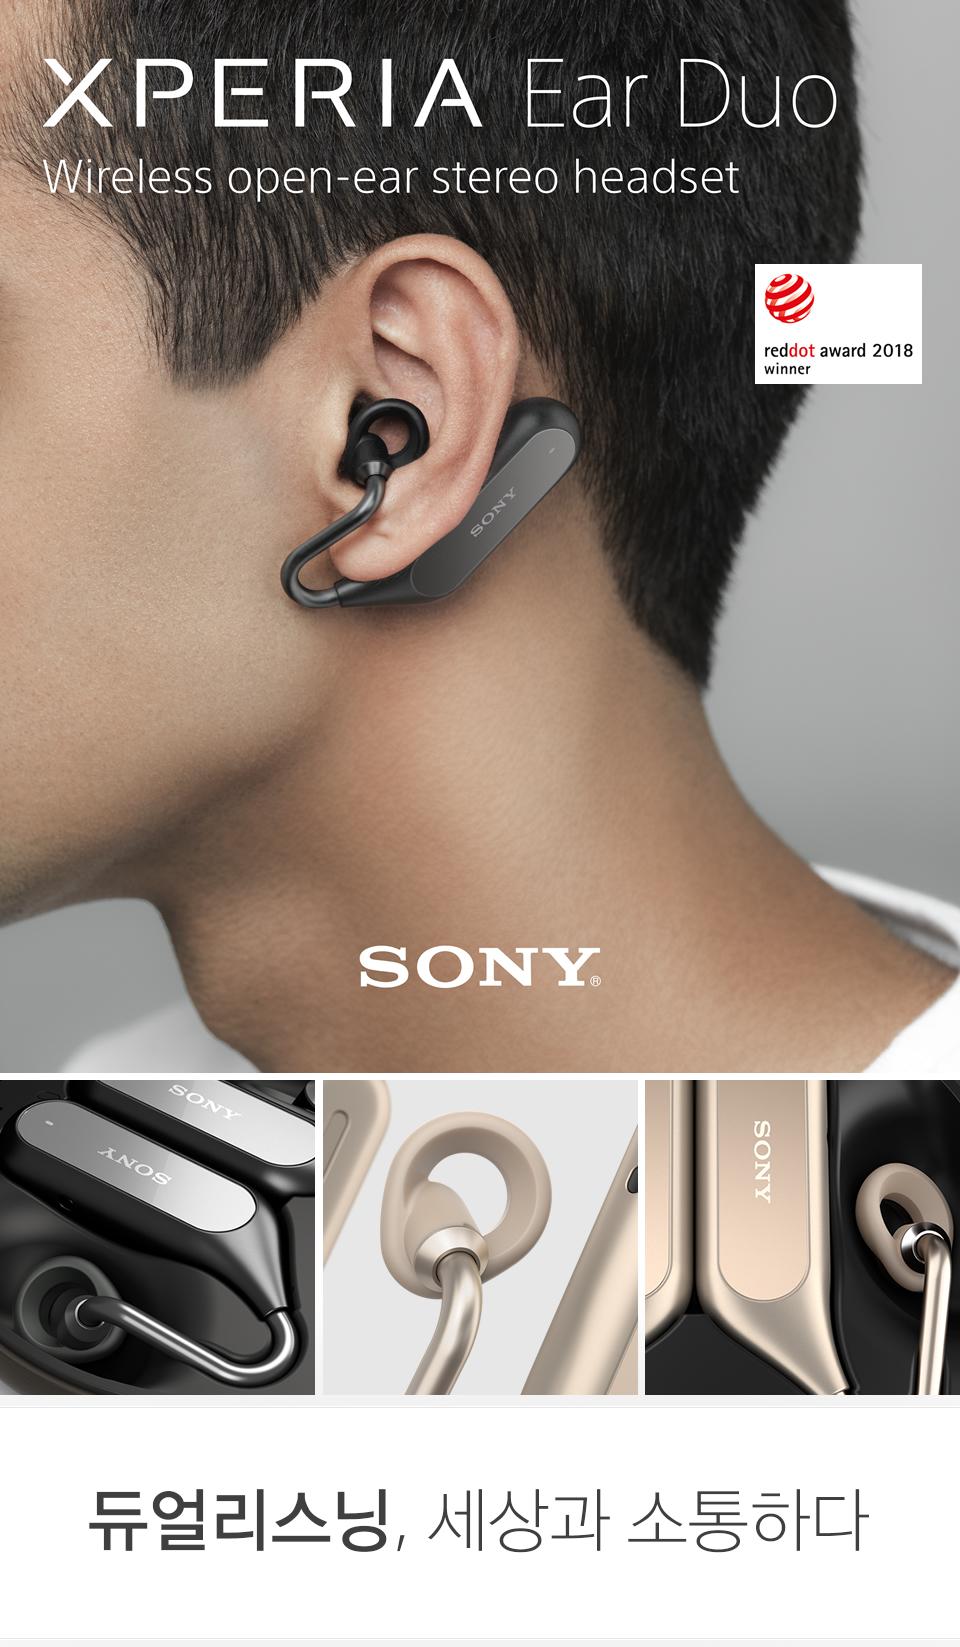 Xperia Ear Duo 듀얼 리스닝, 세상과 소통하다